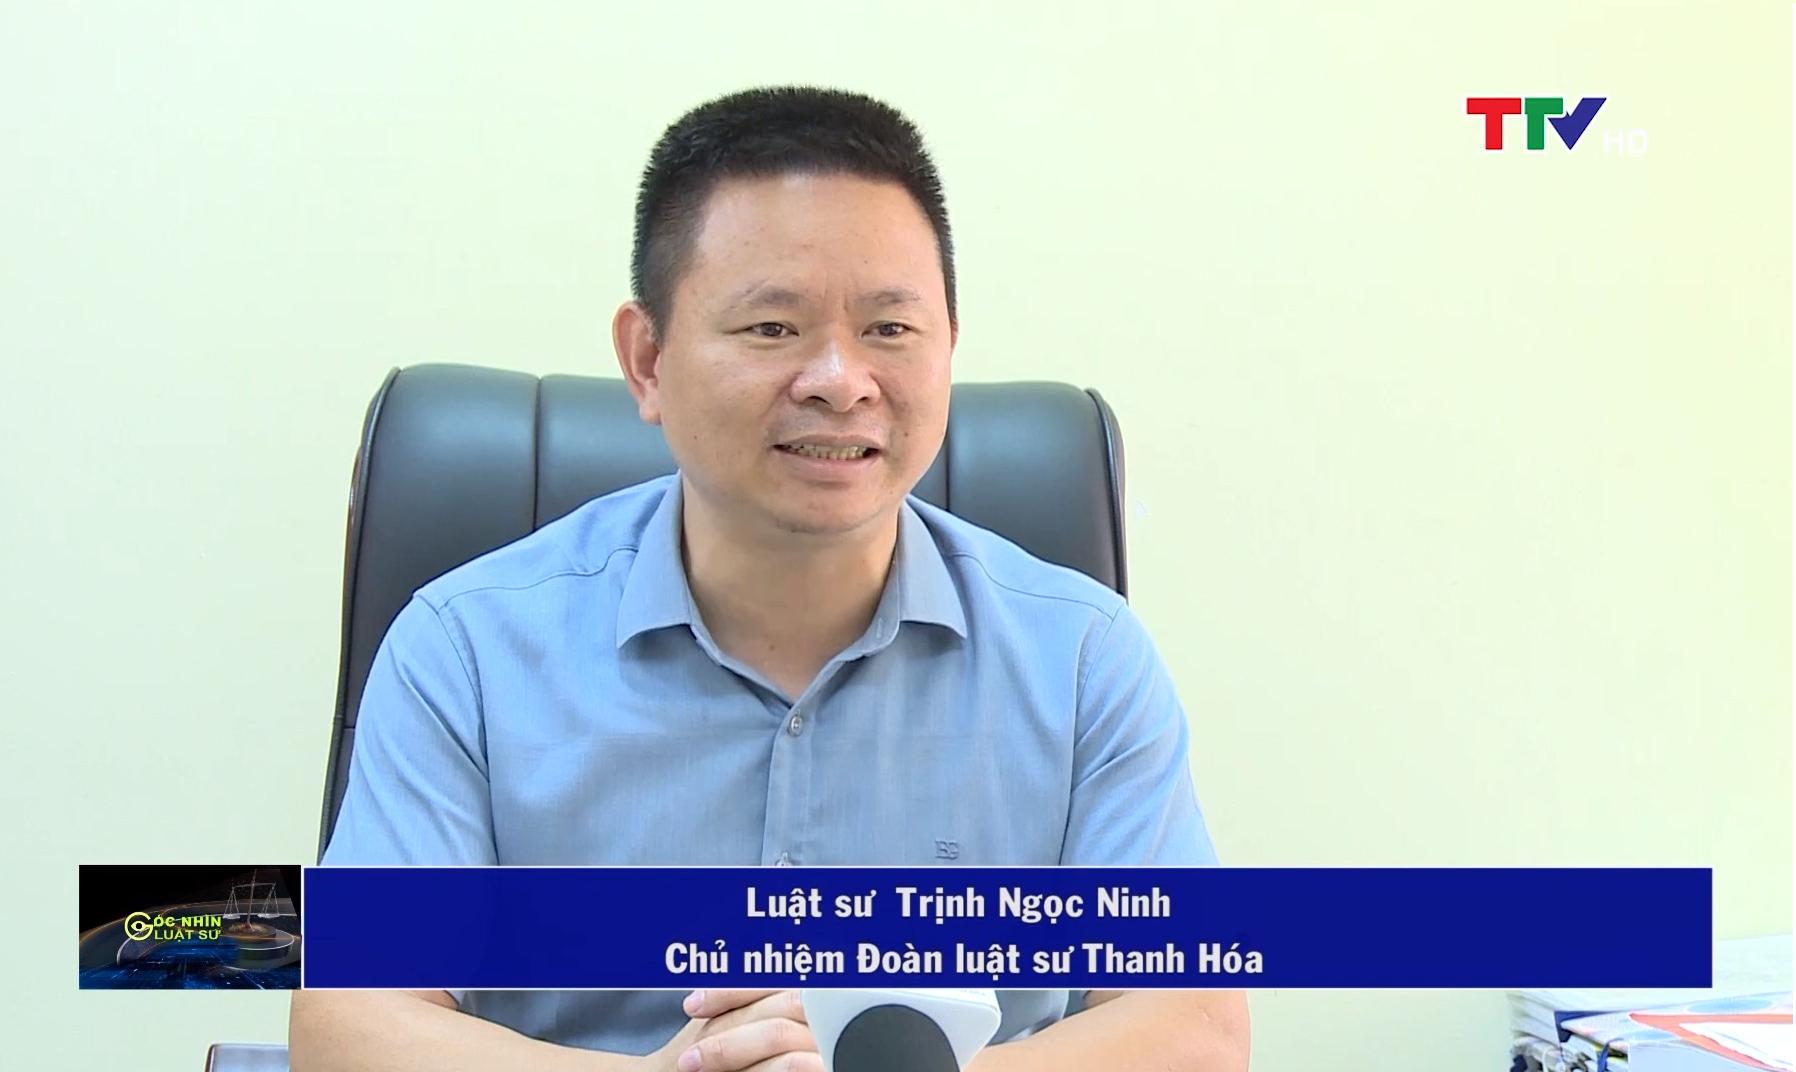 Luật sư Trịnh Ngọc Ninh, Chủ nhiệm đoàn luật sư Thanh Hóa.